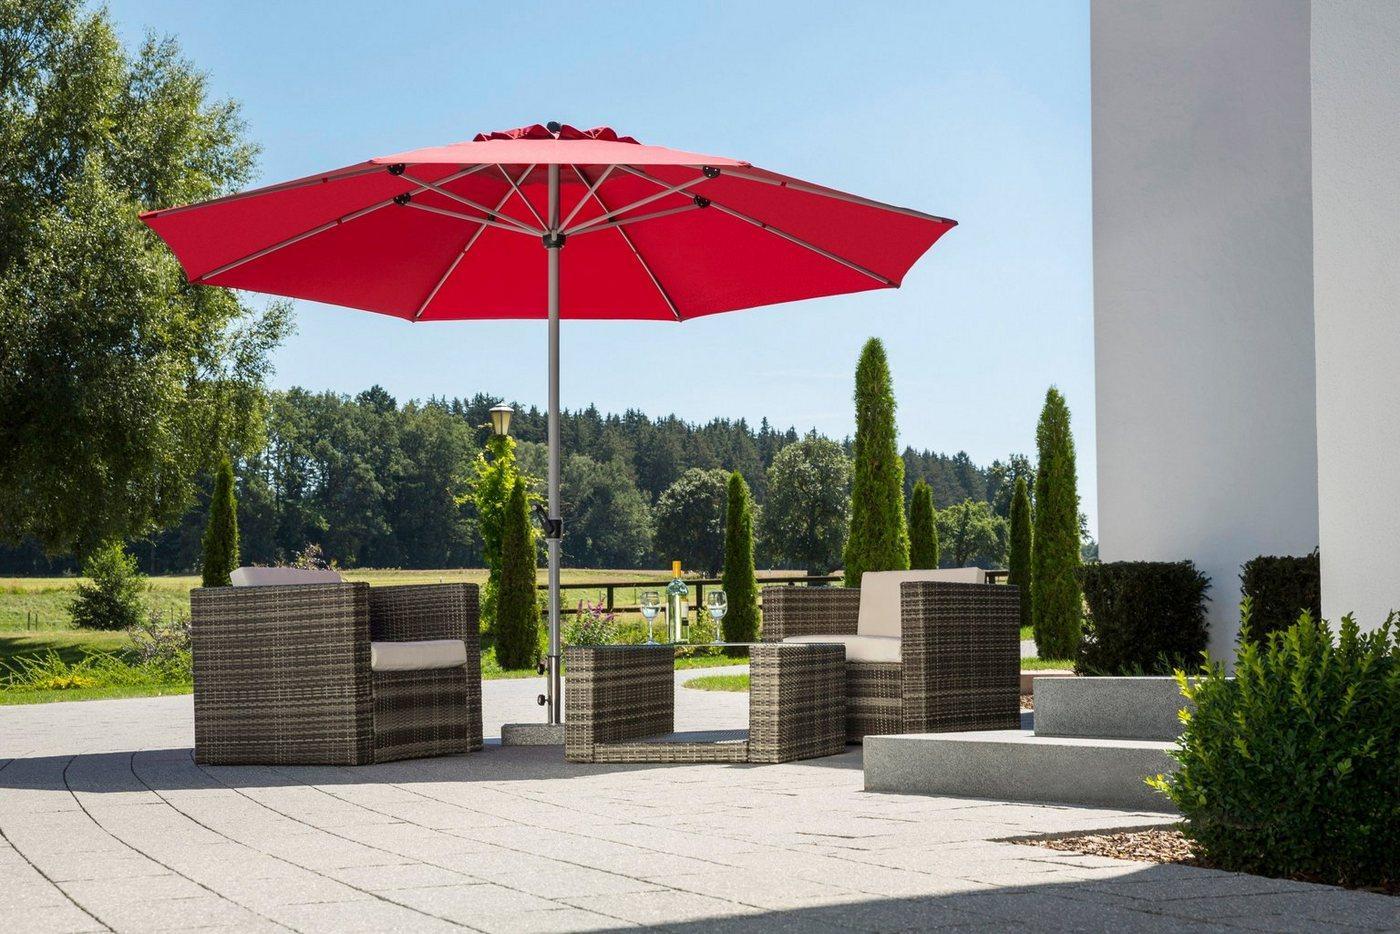 Schneider Schirme Sonnenschirm »Gemini«, LxB: 360x360 cm, ohne Schirmständer, rot